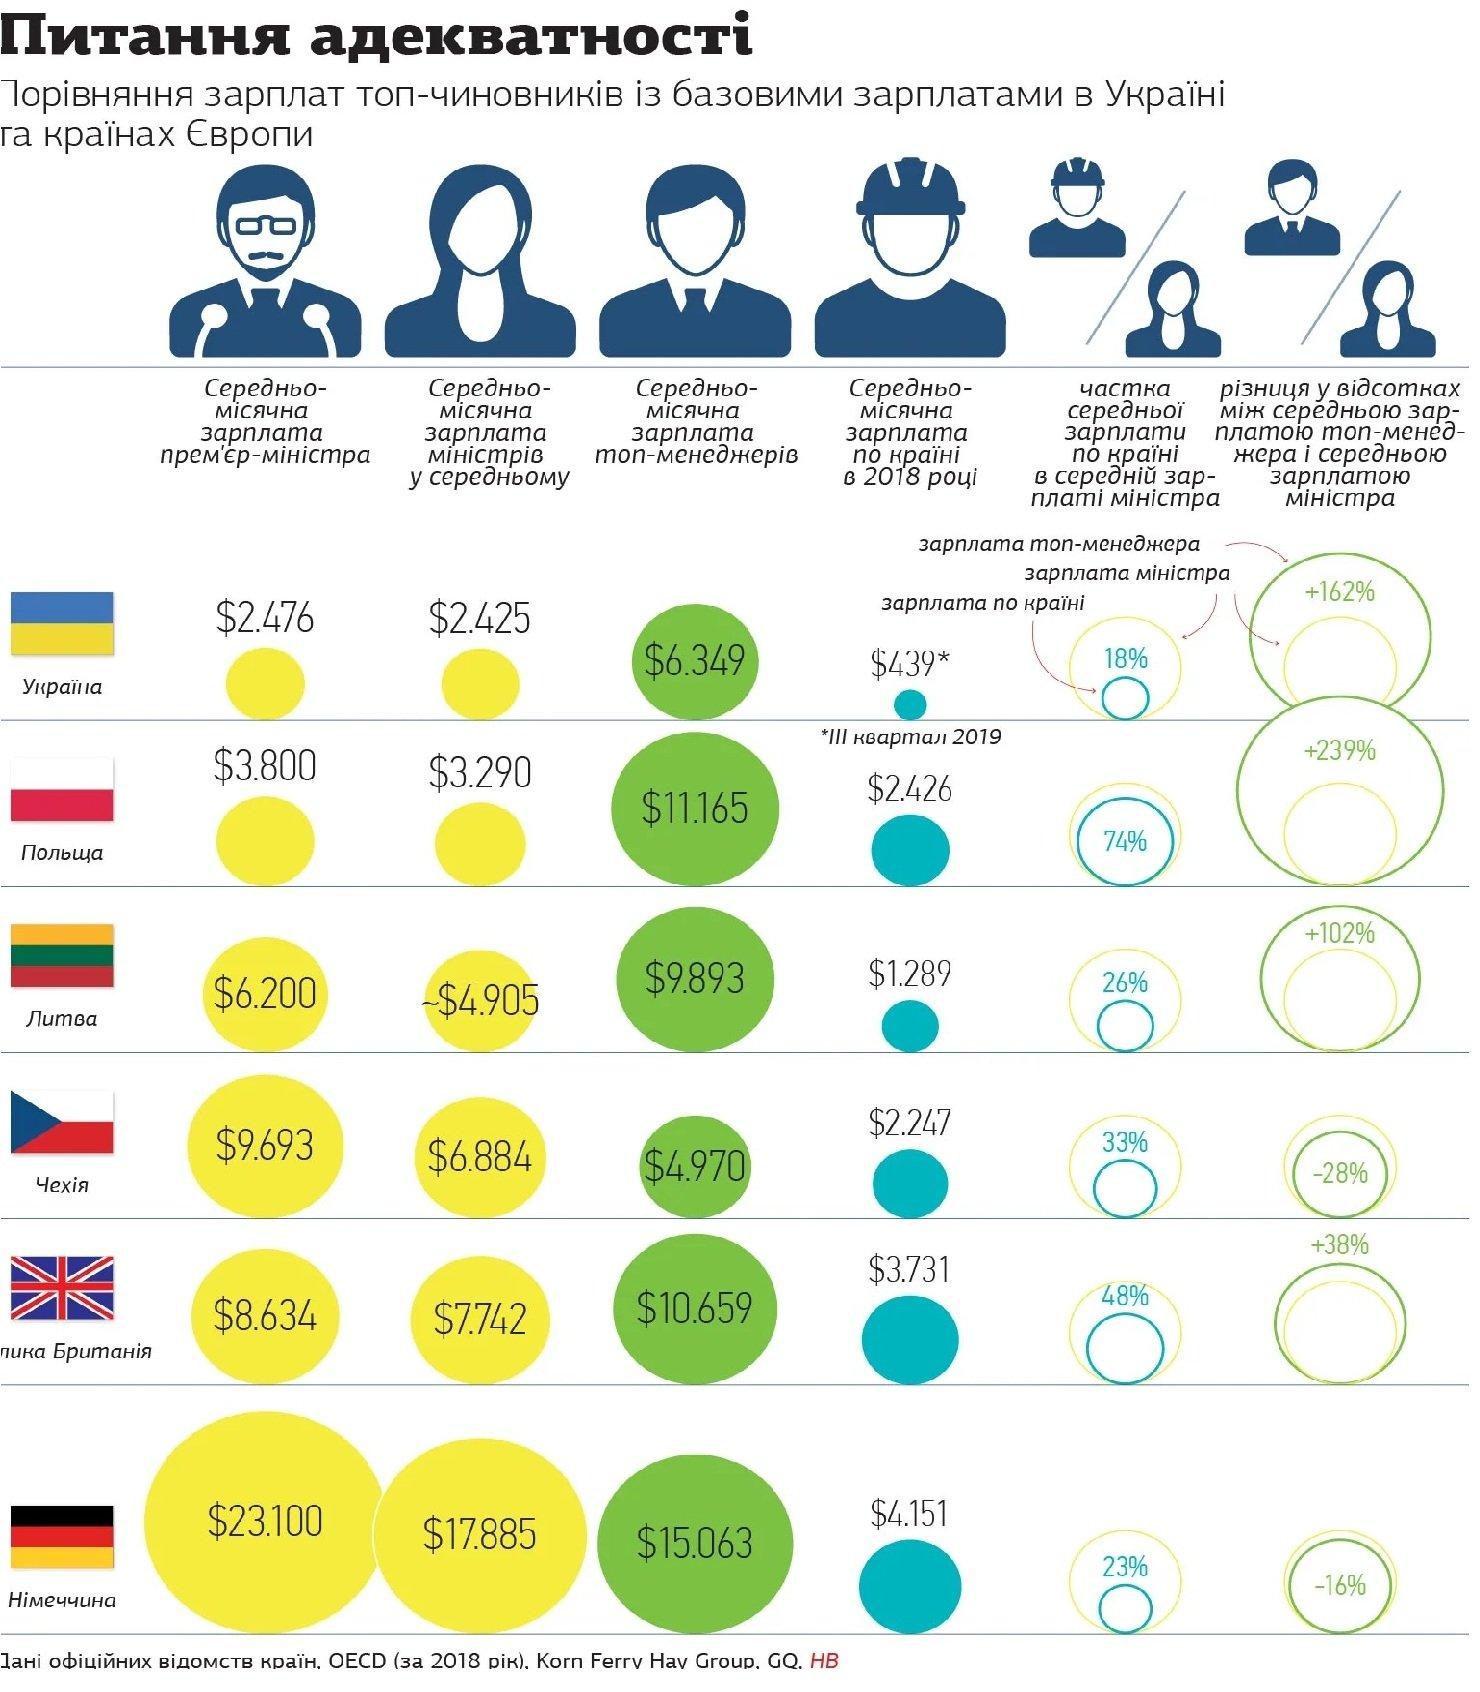 Названы зарплаты топ-чиновников в Украине и ЕС: интересное сравнение